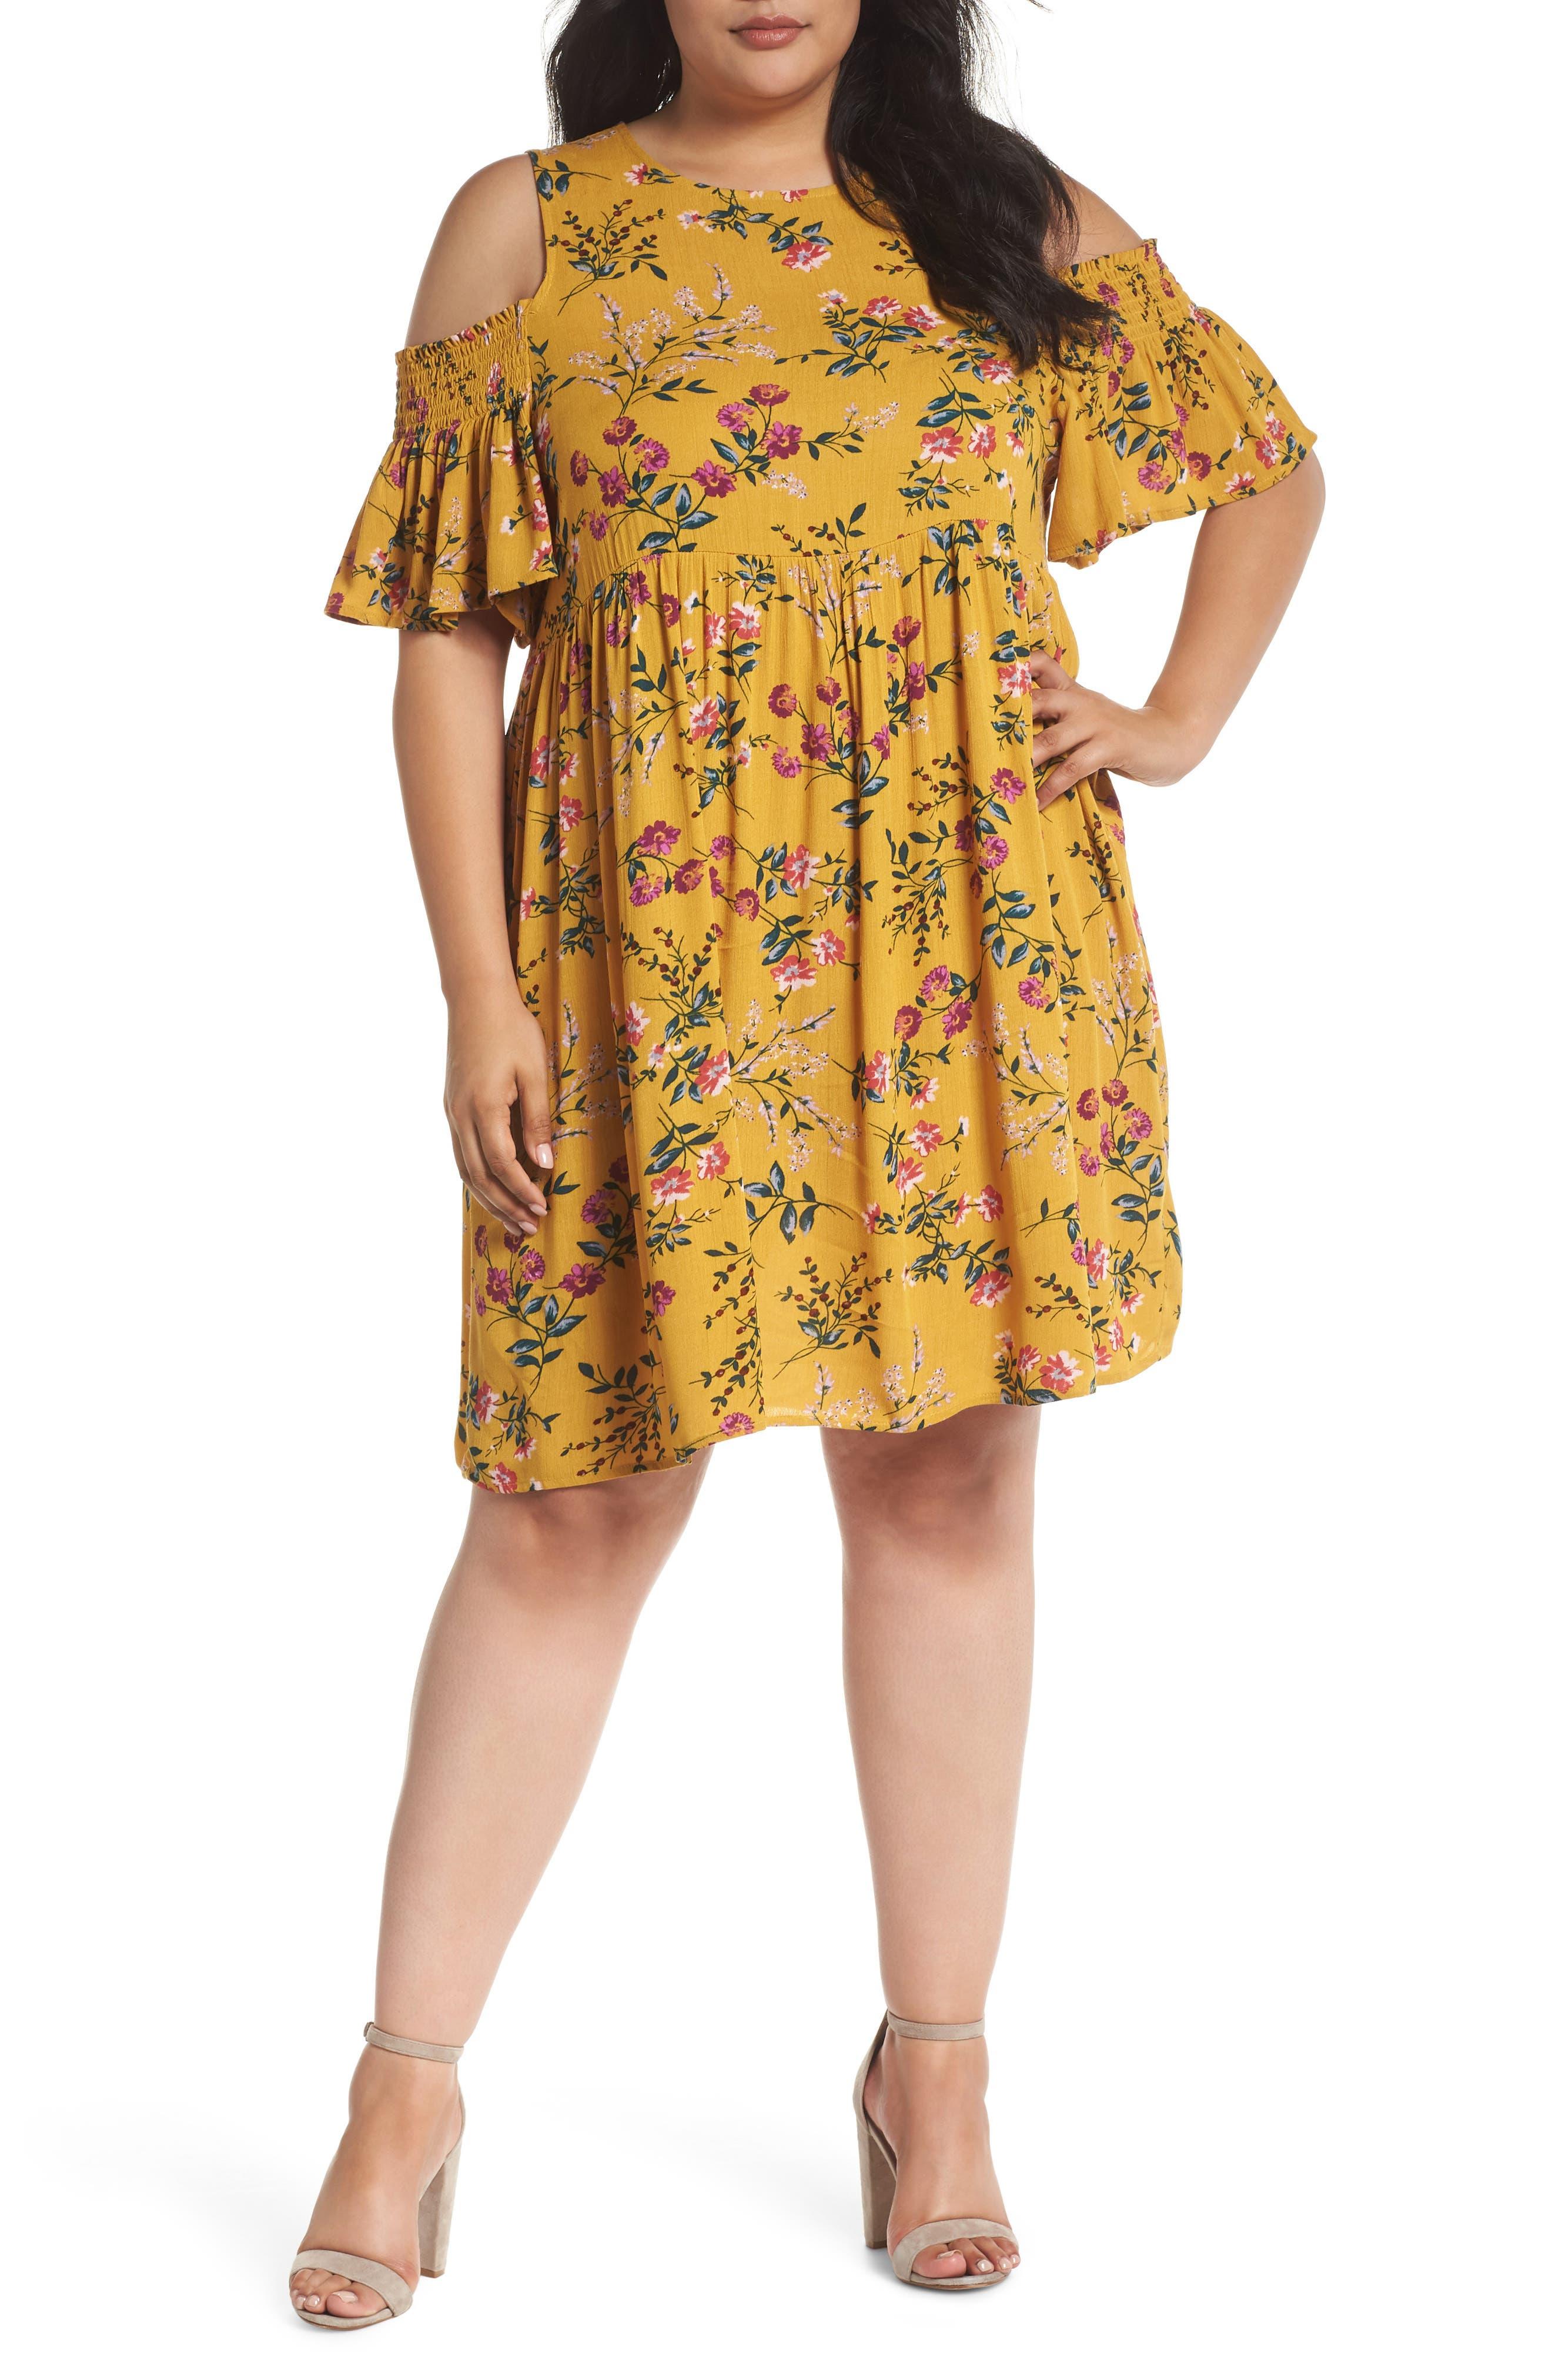 Floral Smocked Cold Shoulder Dress,                             Main thumbnail 1, color,                             Mustard Multi Floral